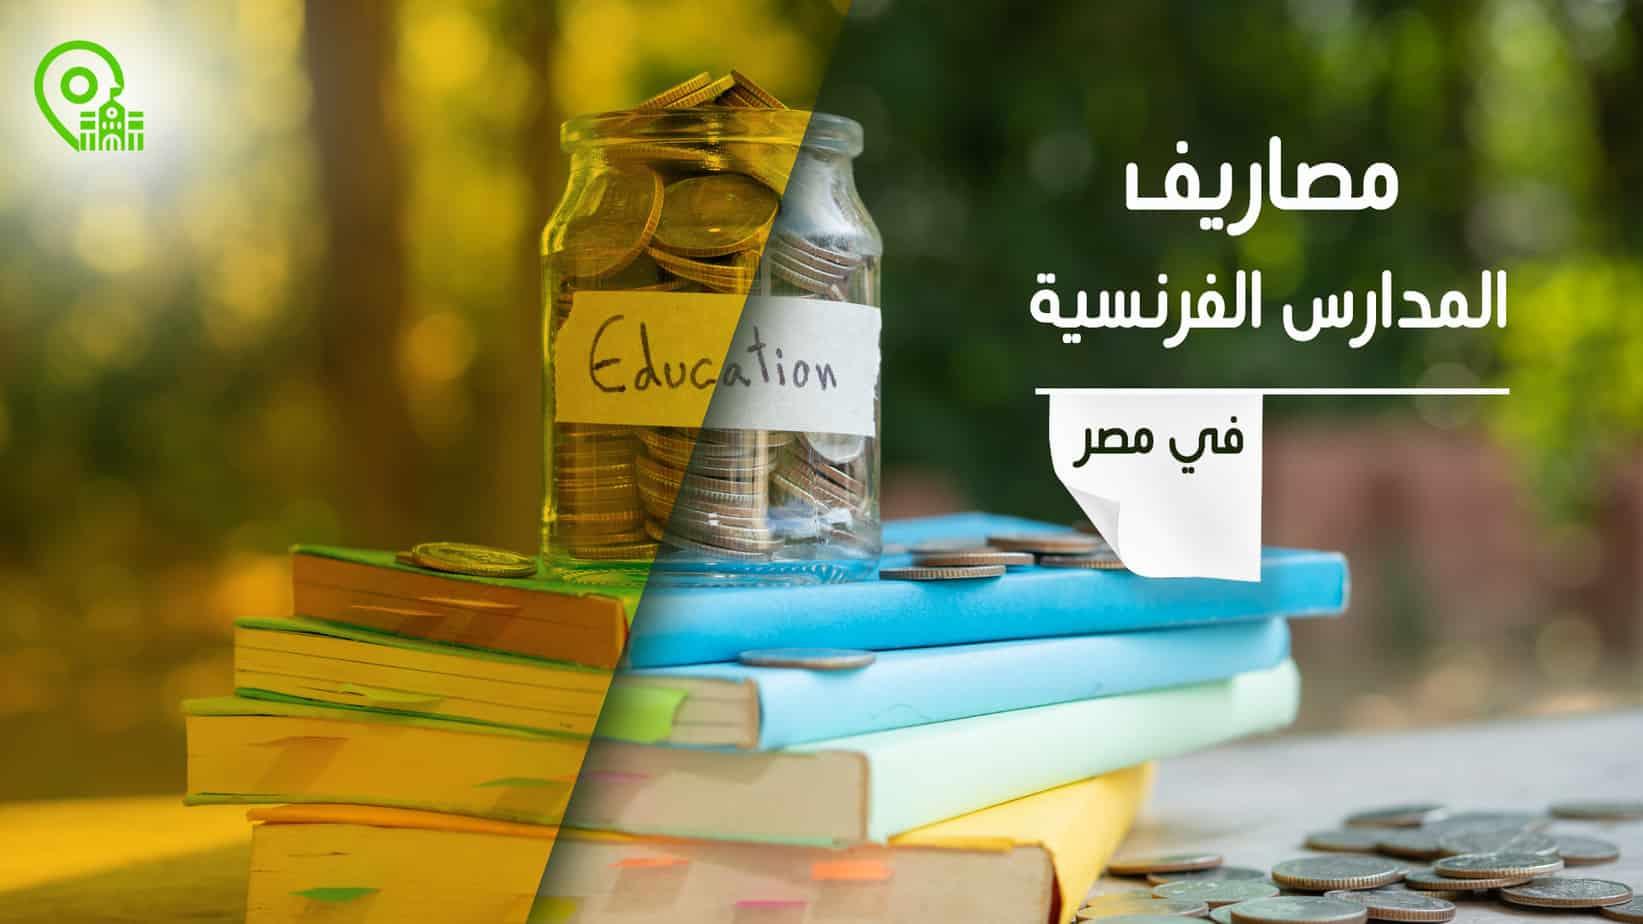 مصاريف المدارس الفرنسية في مصر